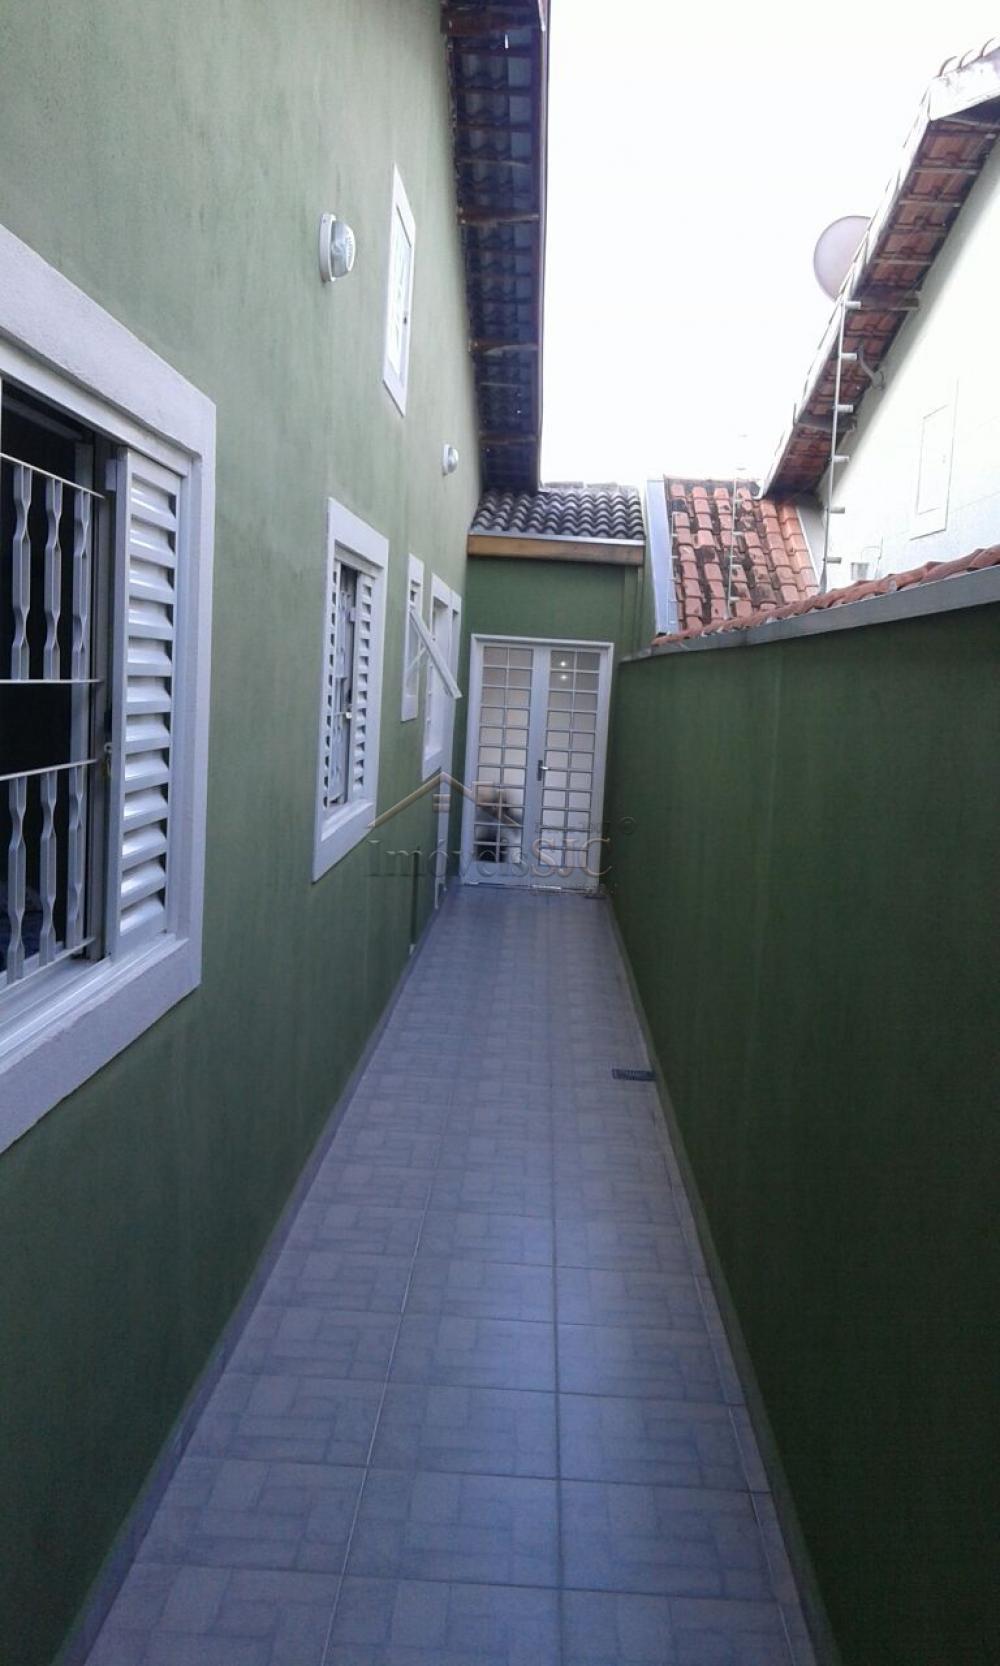 Comprar Casas / Padrão em São José dos Campos apenas R$ 239.000,00 - Foto 10